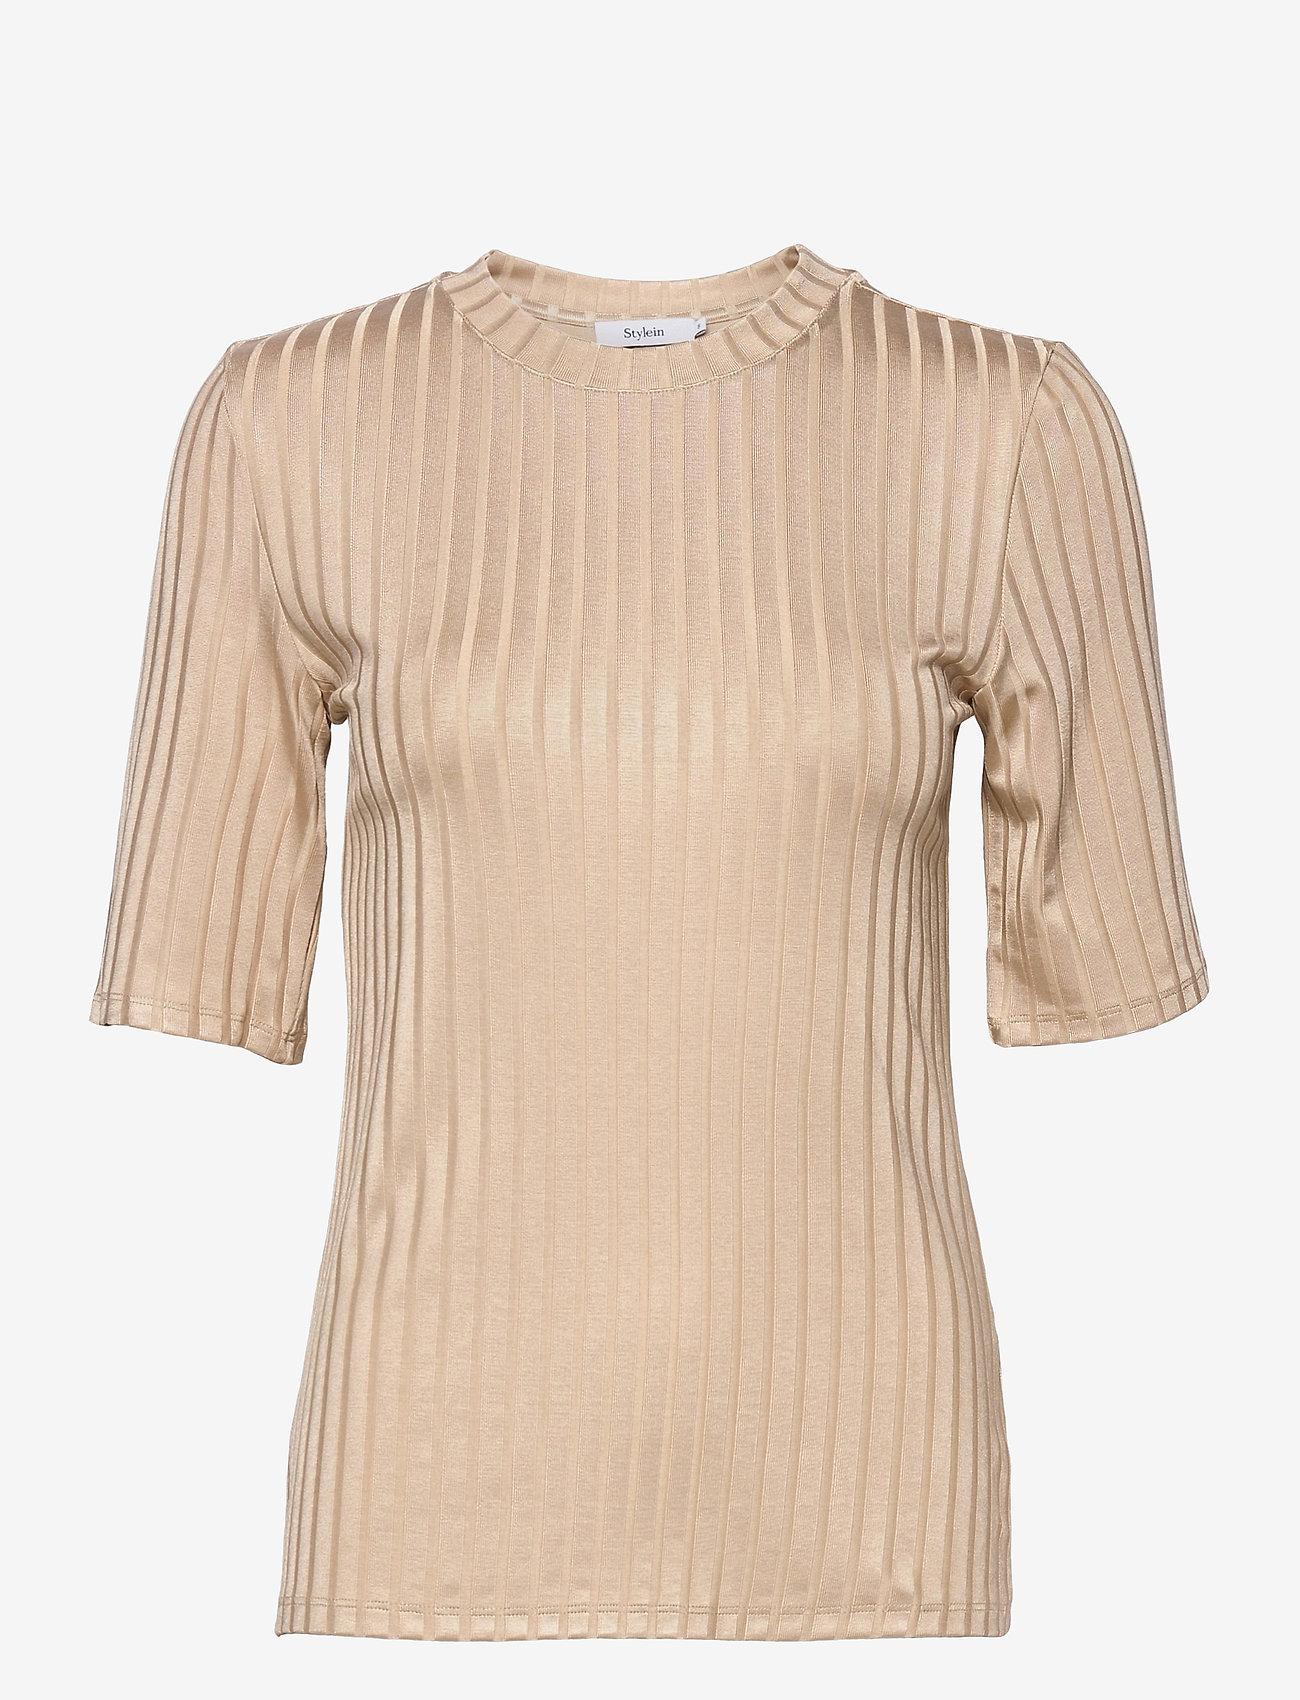 Stylein - PAIR TOP - t-shirts - beige - 1